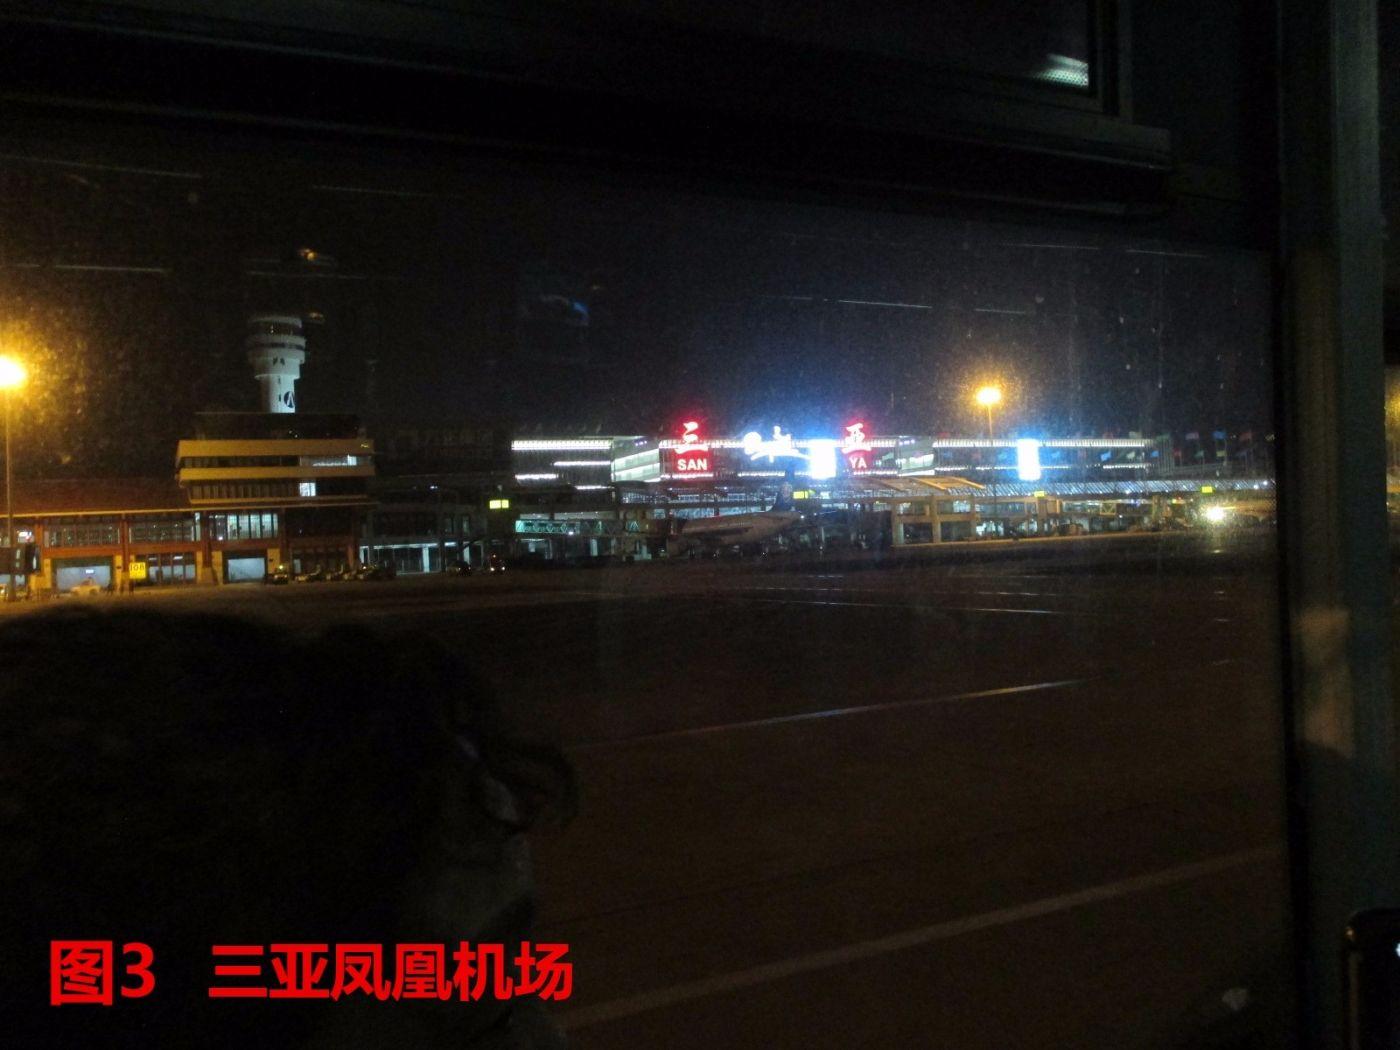 避寒胜地海南岛游记 --(1)飞三亚_图1-3